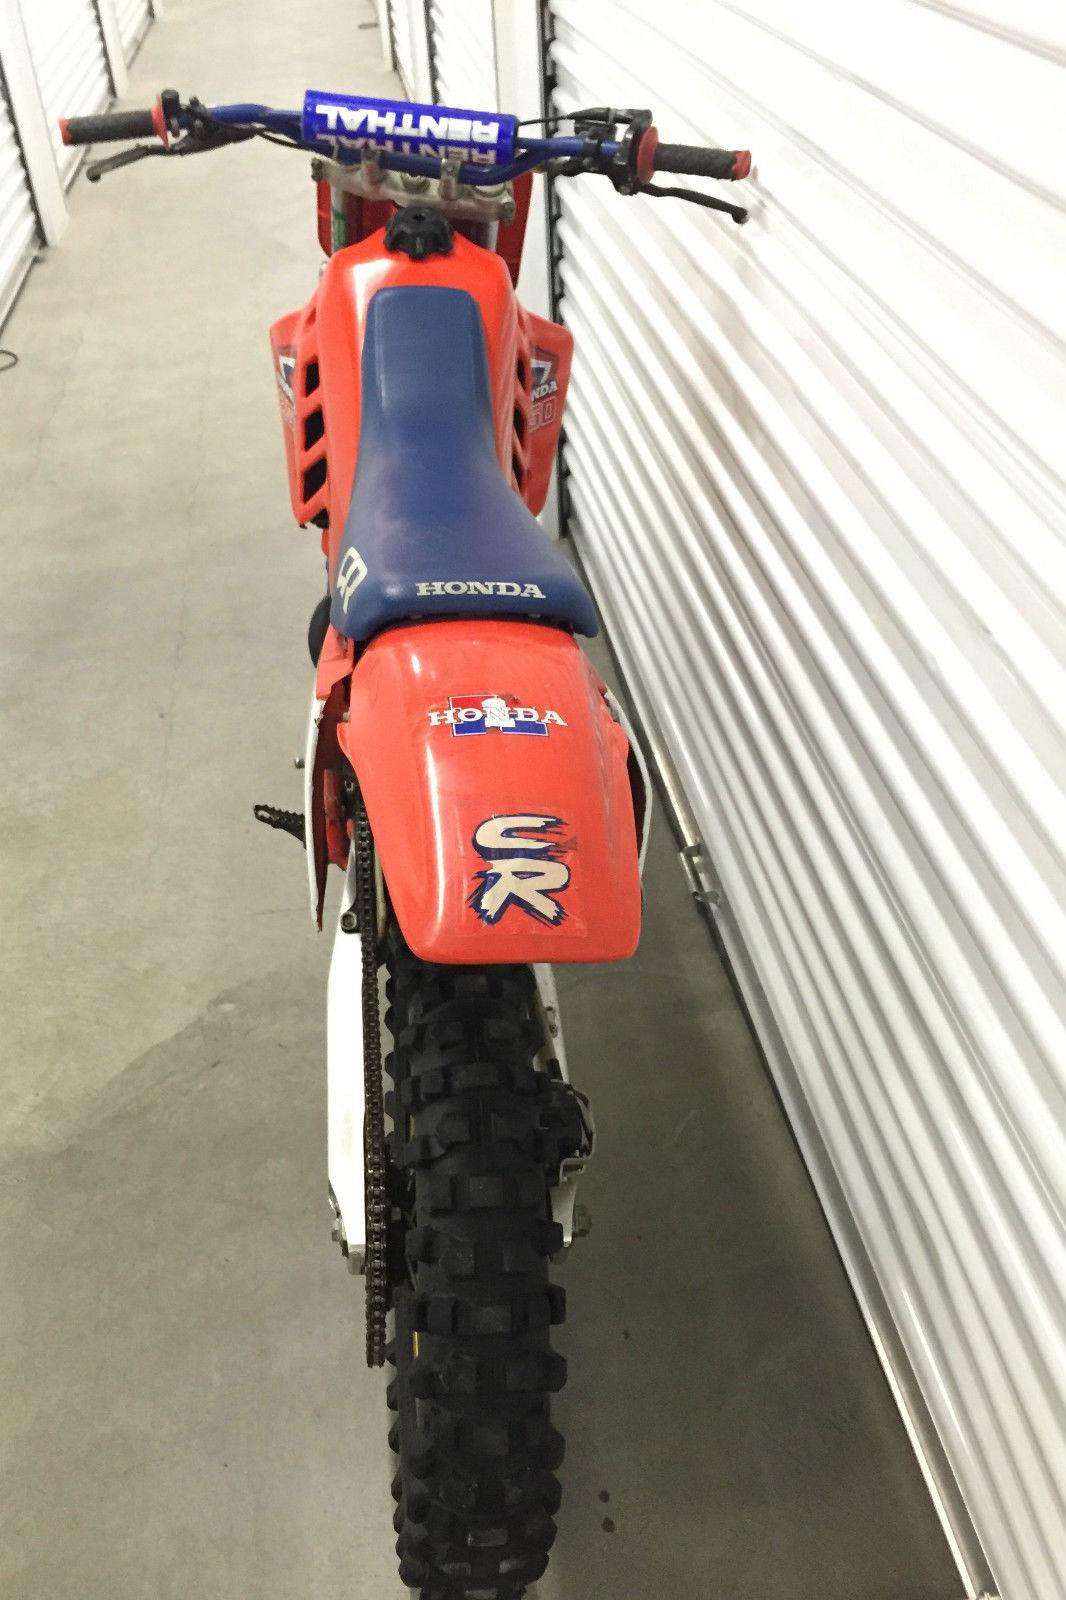 1987 Cr250r Vintage Dirt Bike Motorcycle Honda 250 Cr 80s 2 Stroke Wiring Diagram